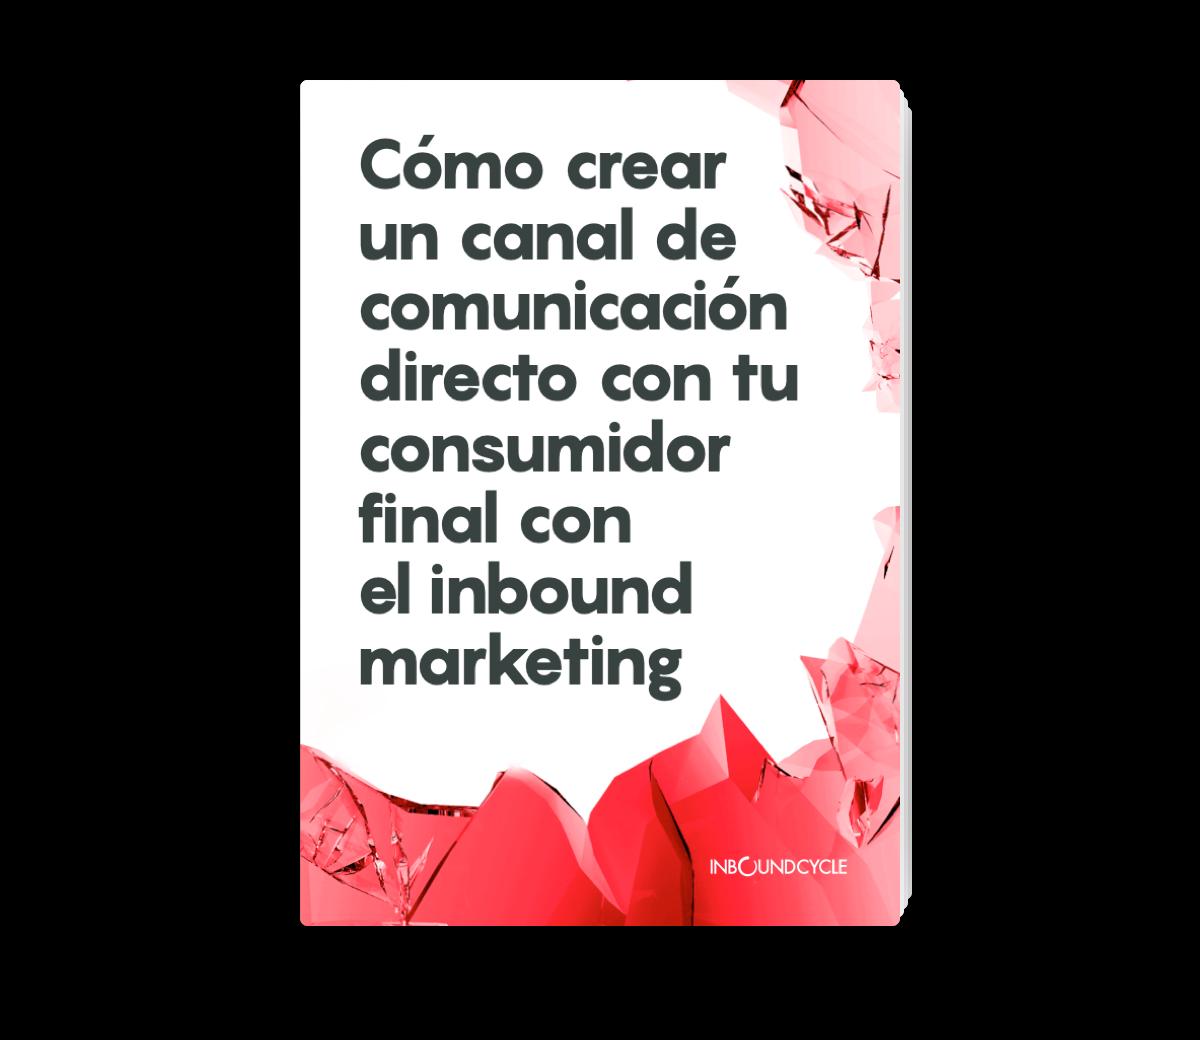 Portada - Email - Cómo crear un canal de comunicación directo con tu consumidor final con el inbound marketing